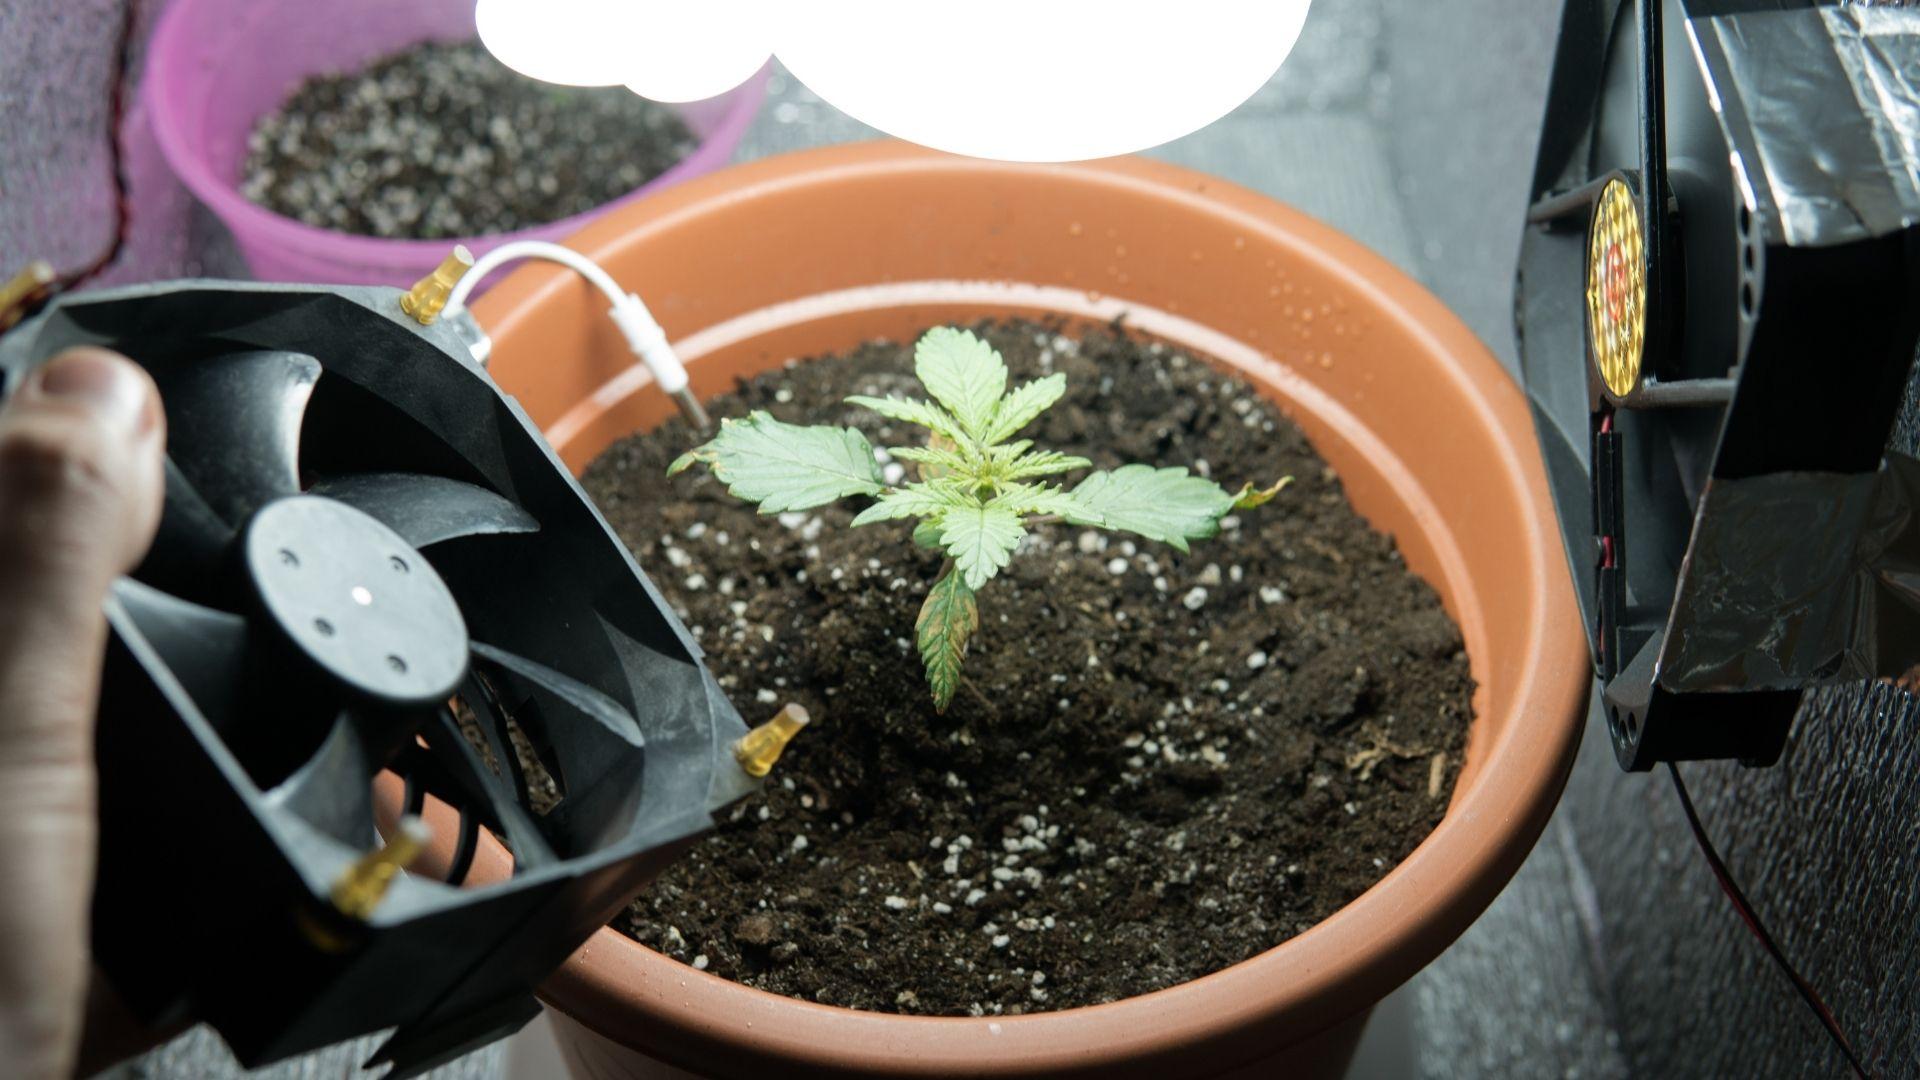 Growshop - sklep dla każdego milosnika uprawy marihuany